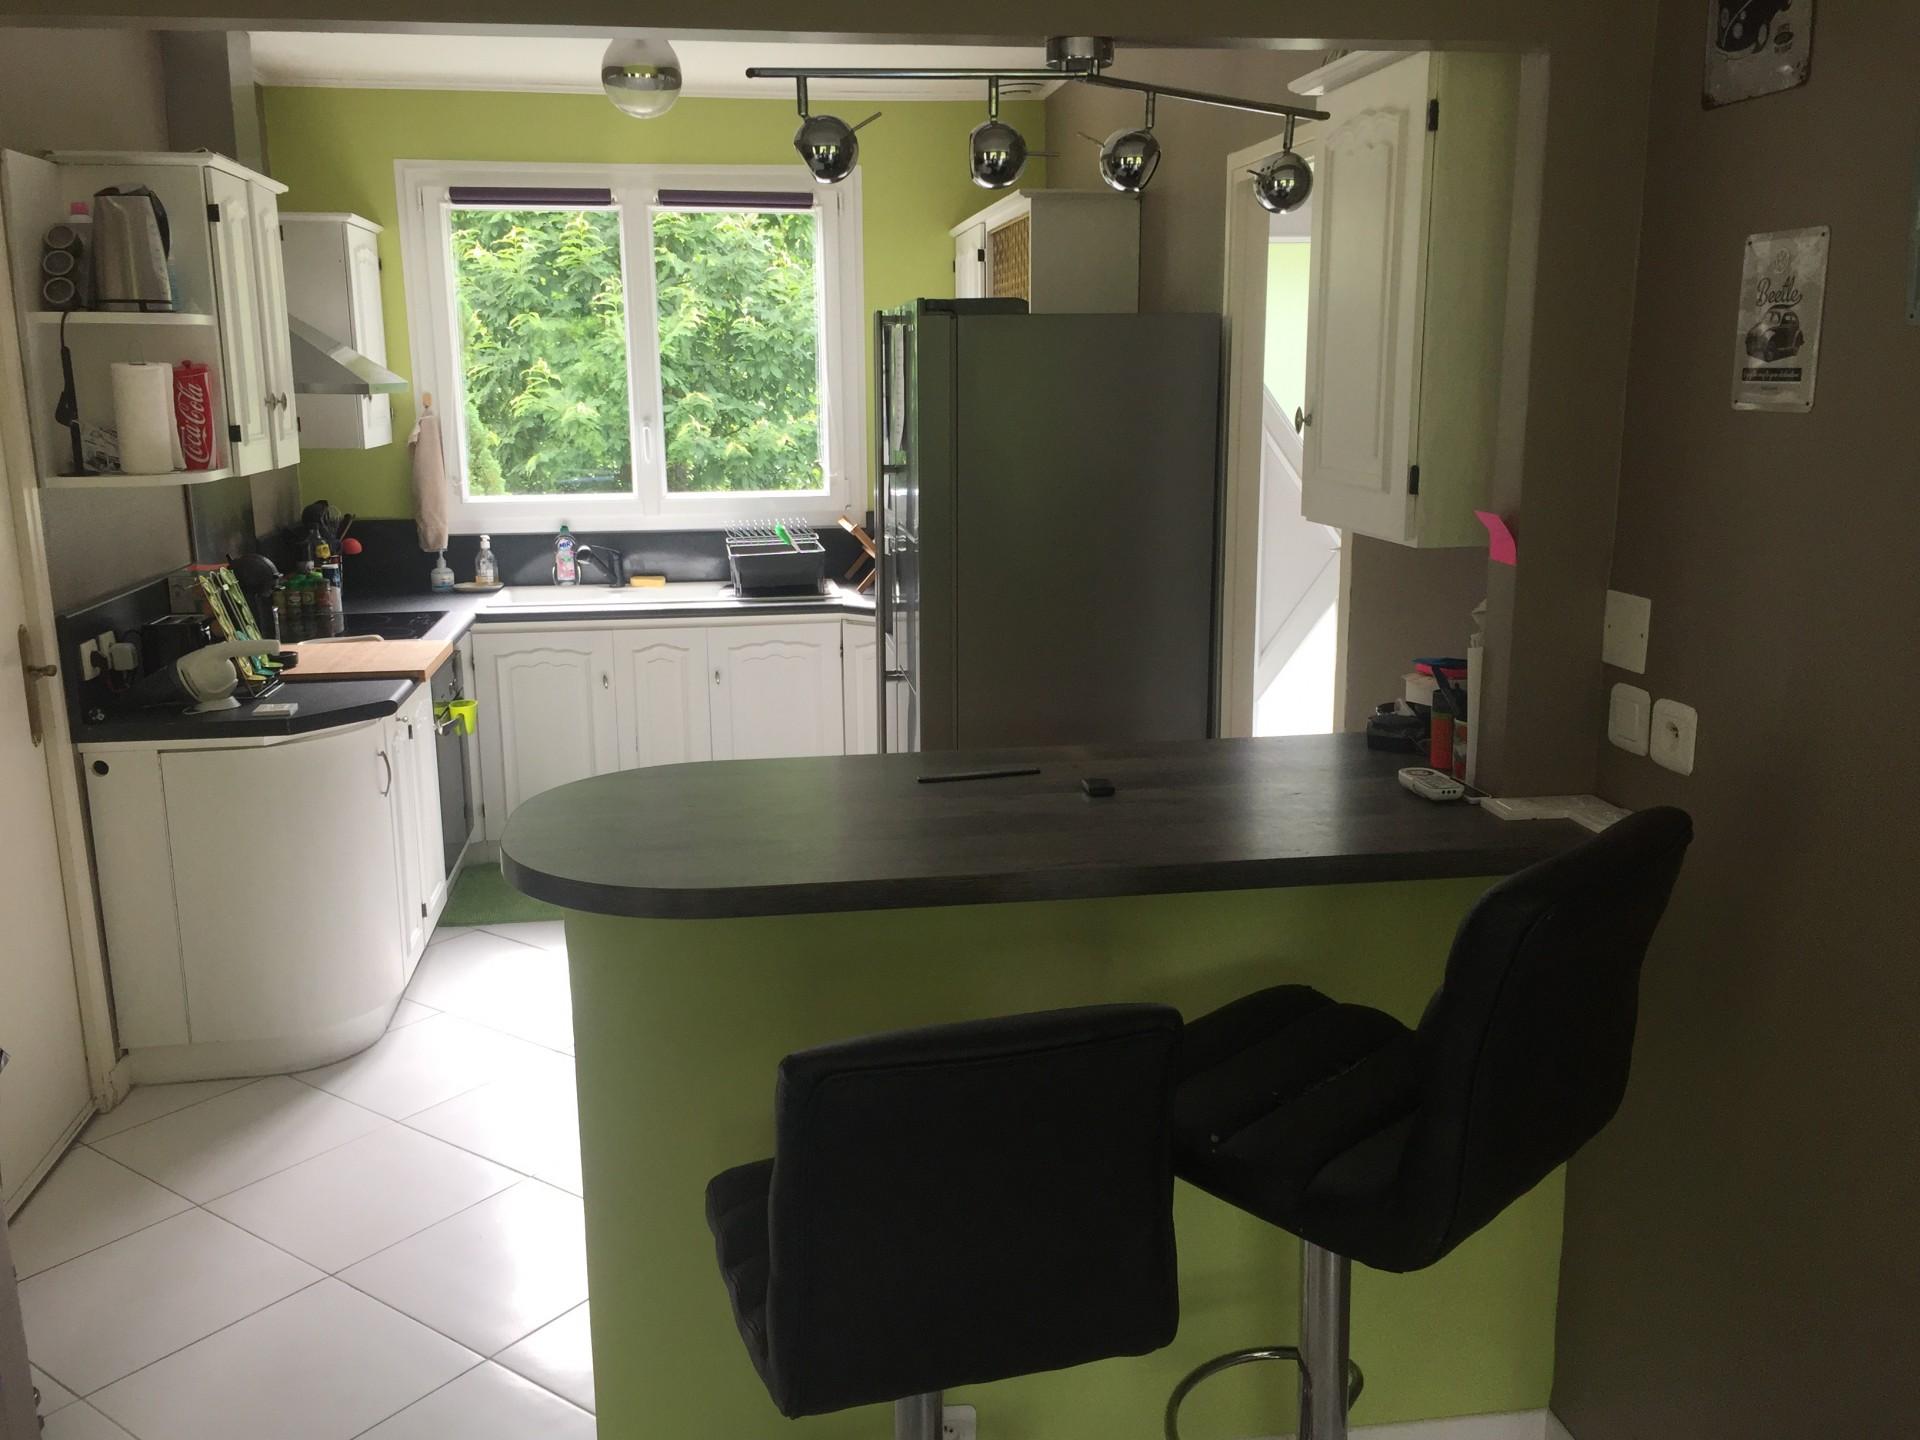 kitchen-B&B-circuit